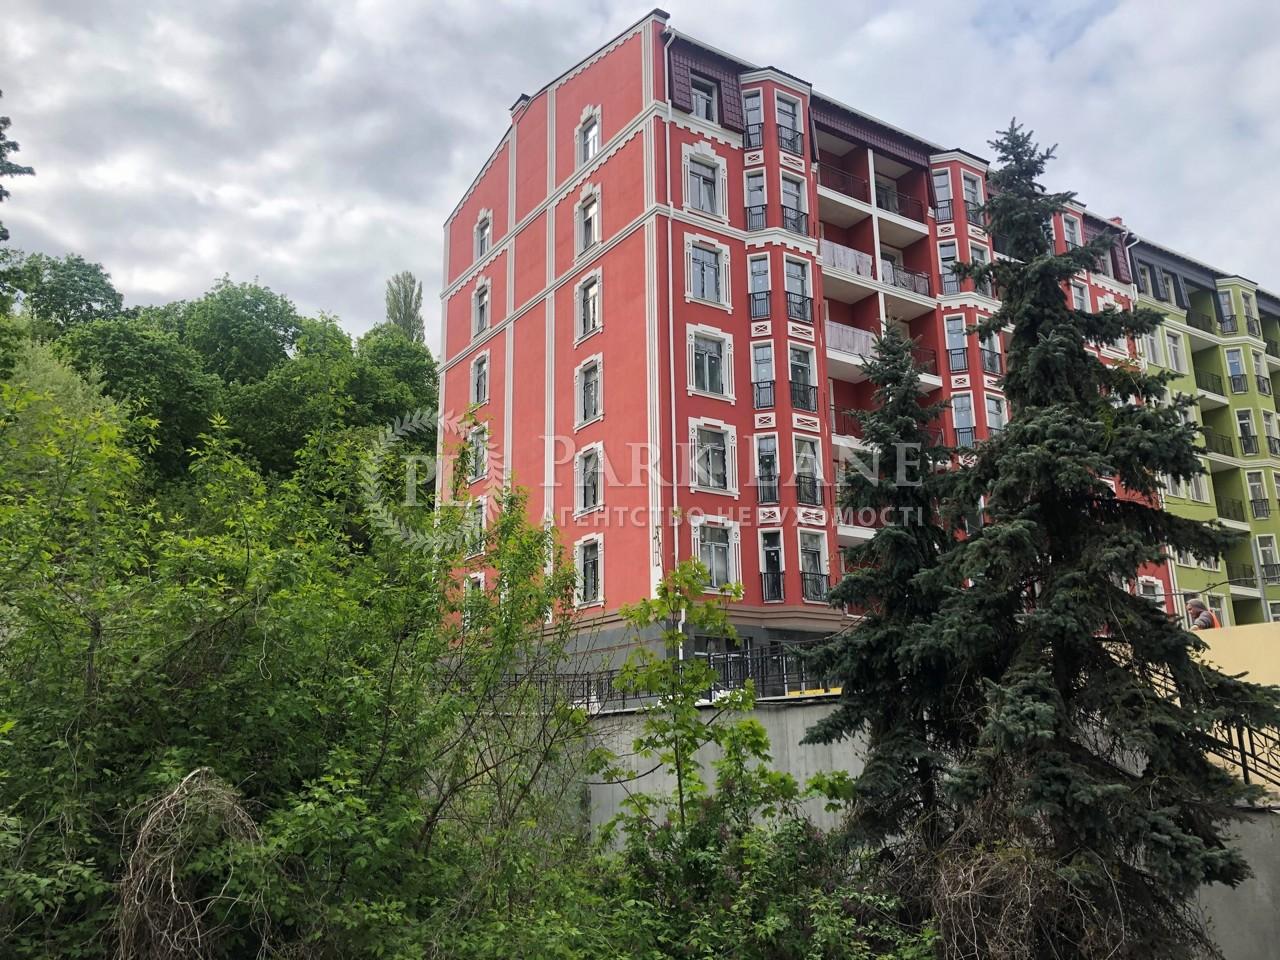 Квартира ул. Дегтярная, 16, Киев, J-30997 - Фото 1